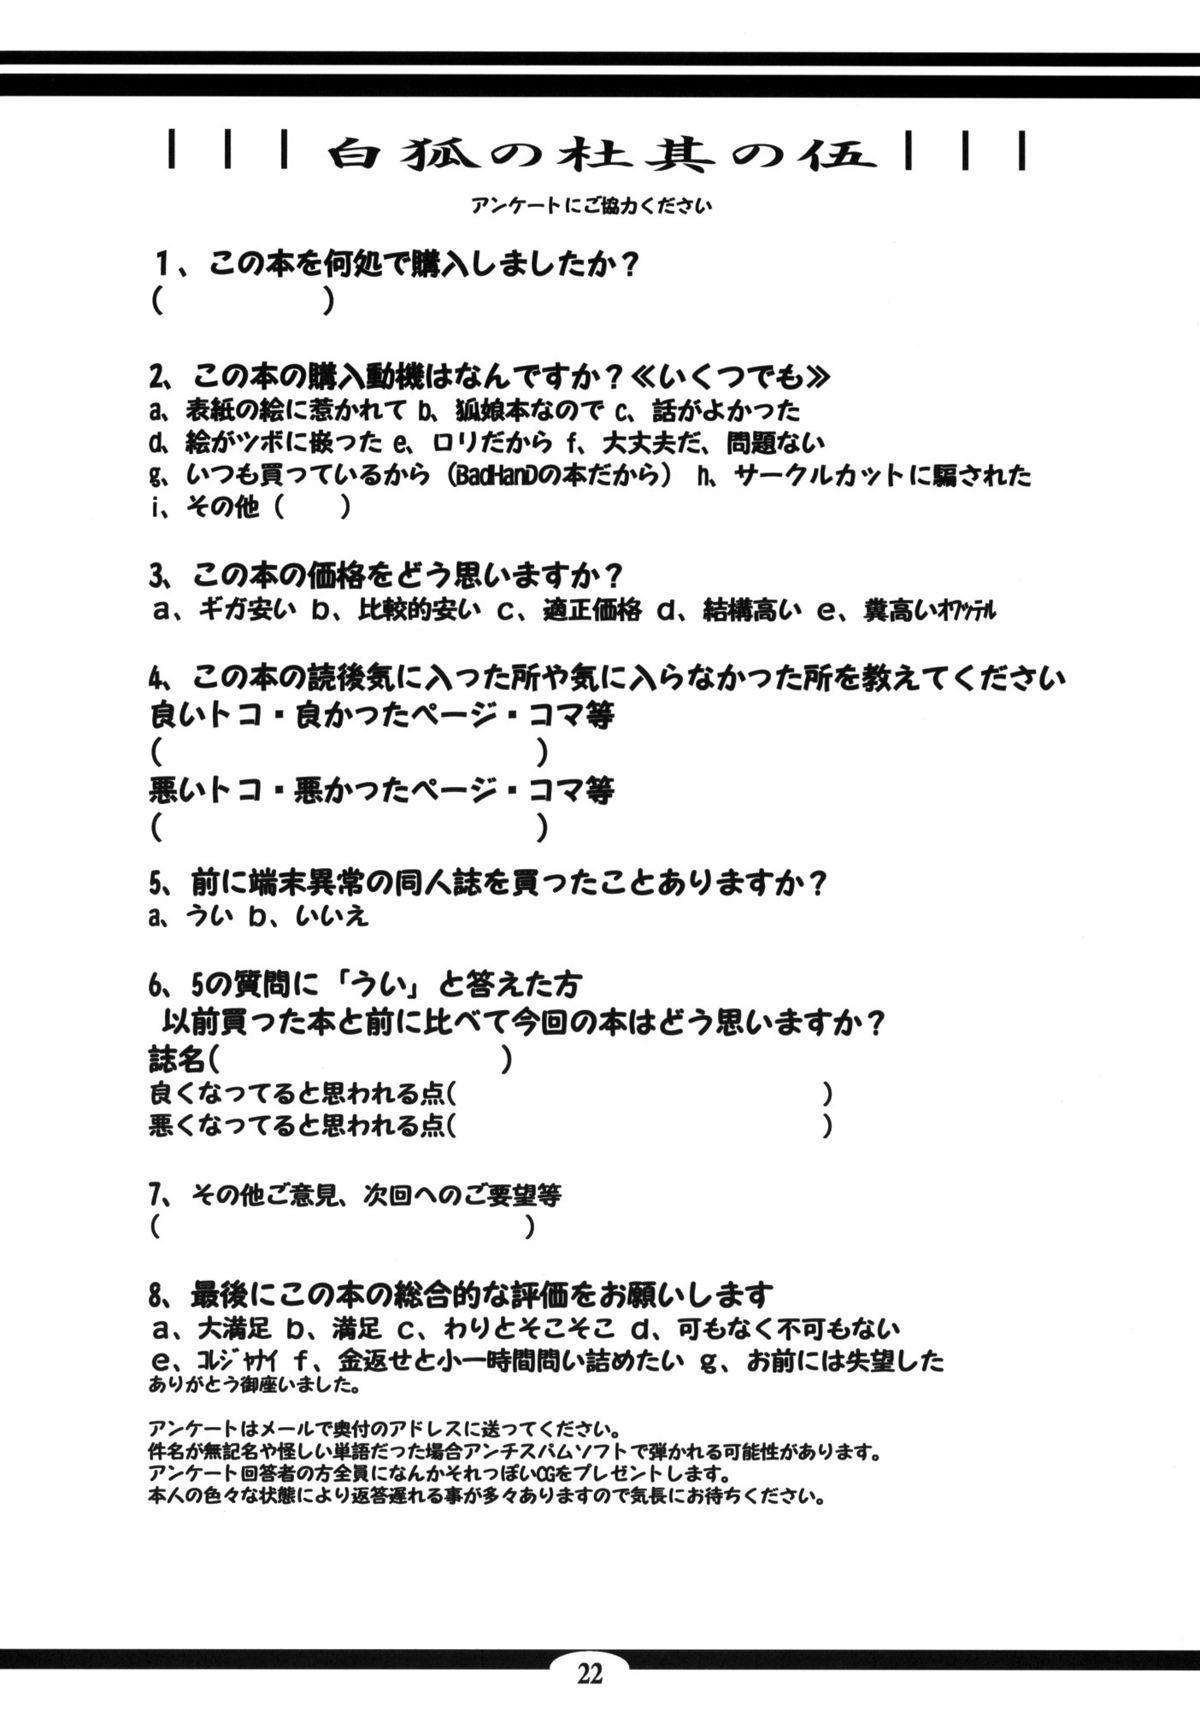 Byakko no Mori Sono Go 20